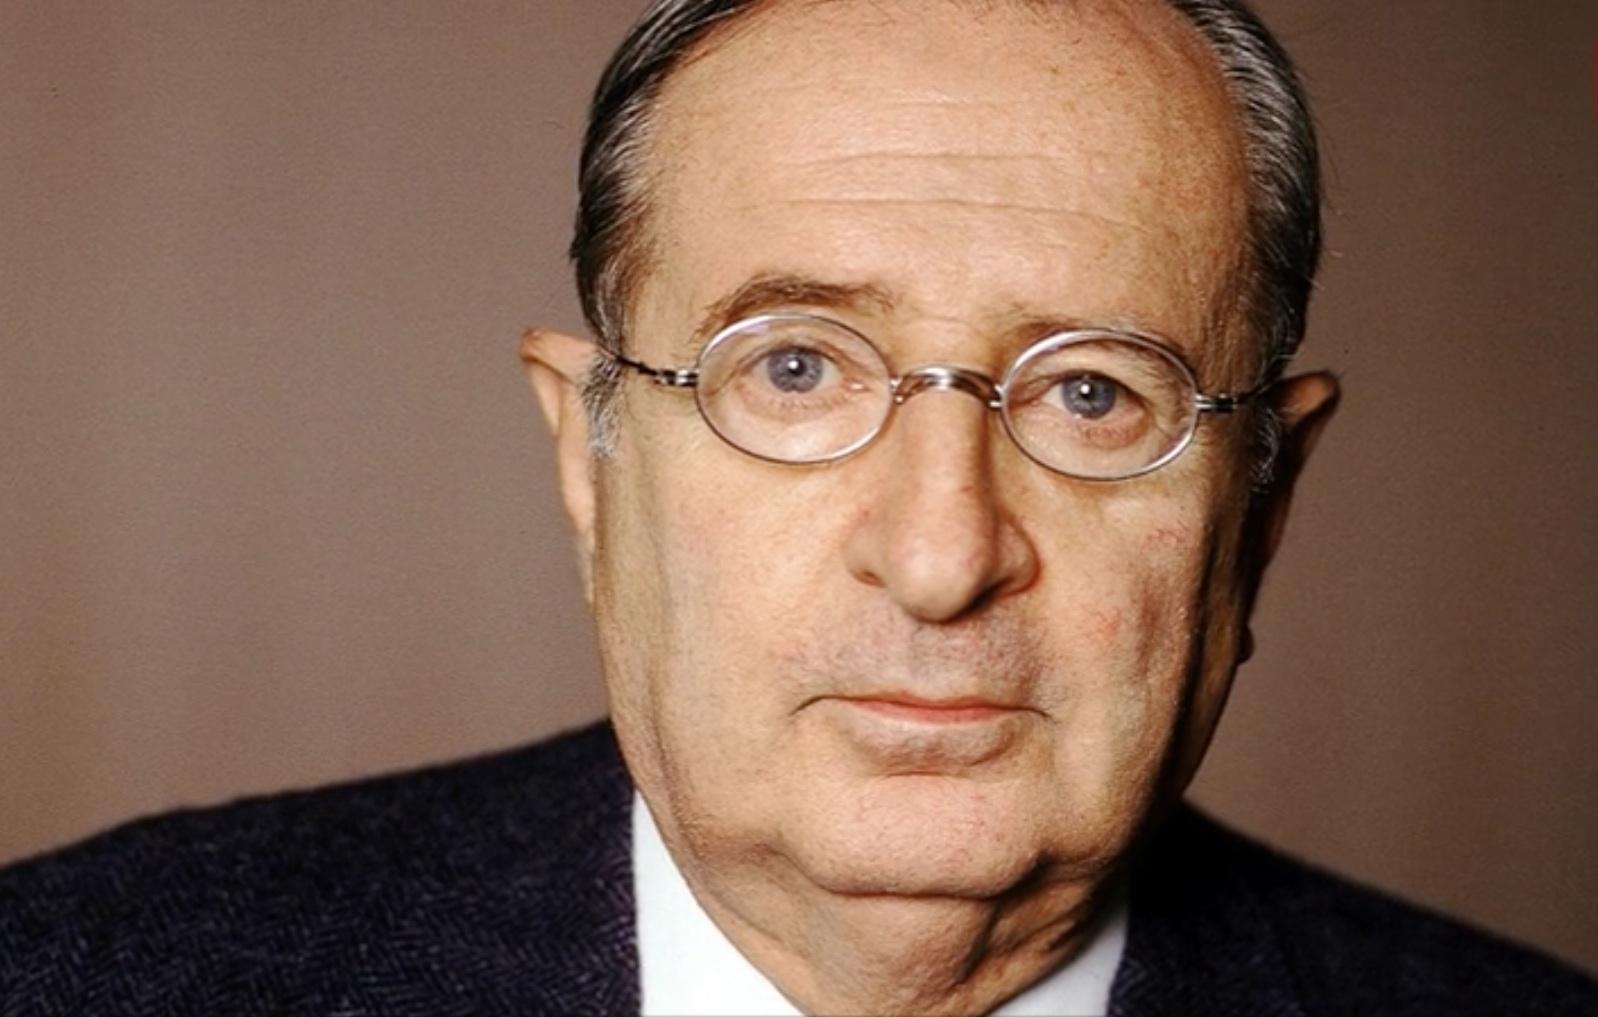 Le journaliste et essayiste Claude Imbert, fondateur du «Point», est mort dans la nuit de mardi à mercredi, à l'âge de 87 ans.